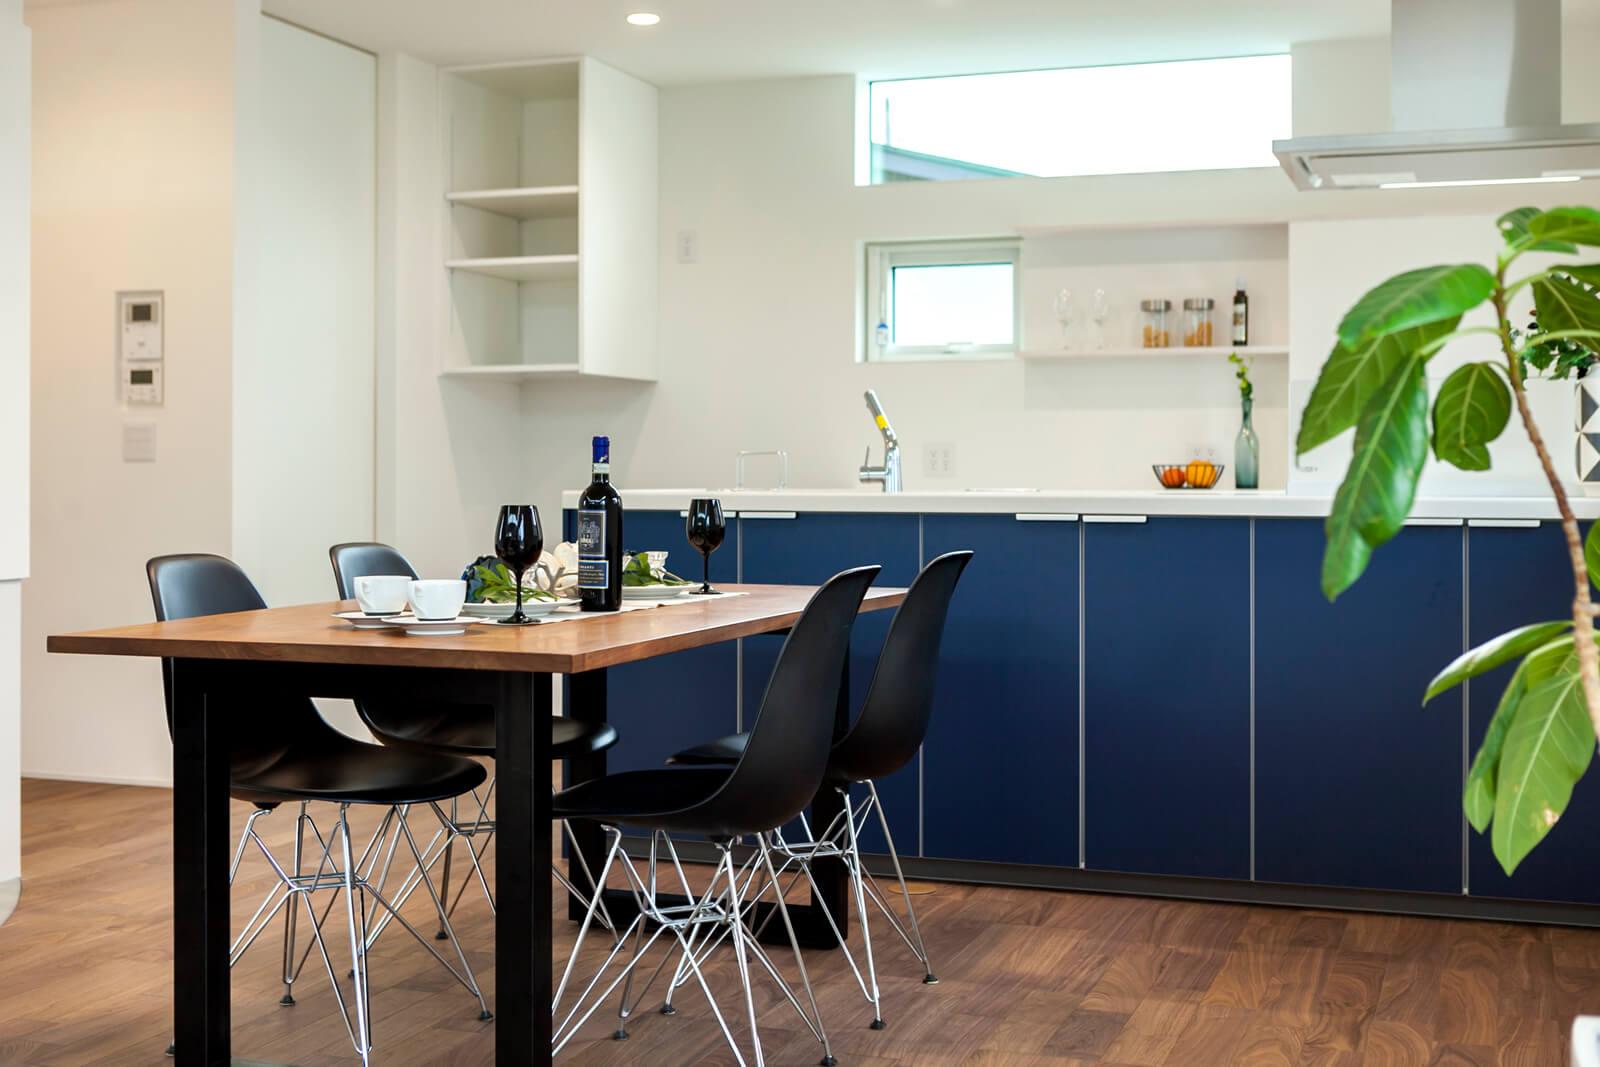 持ち込みの家具に合わせてピッタリ設計したキッチンは収納も十分